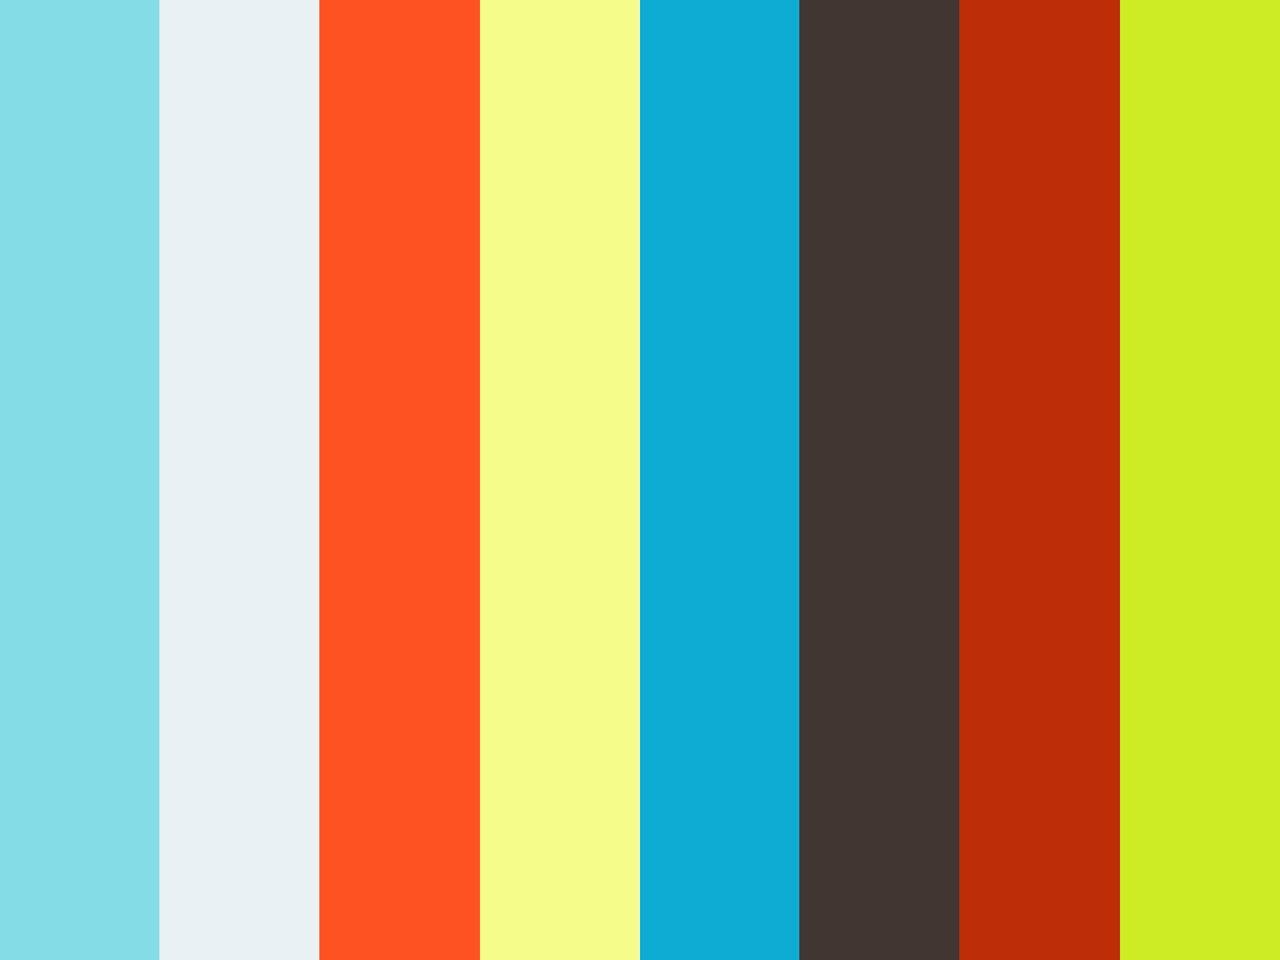 002744 - TV Provincie - jaaroverzicht (compilatie)